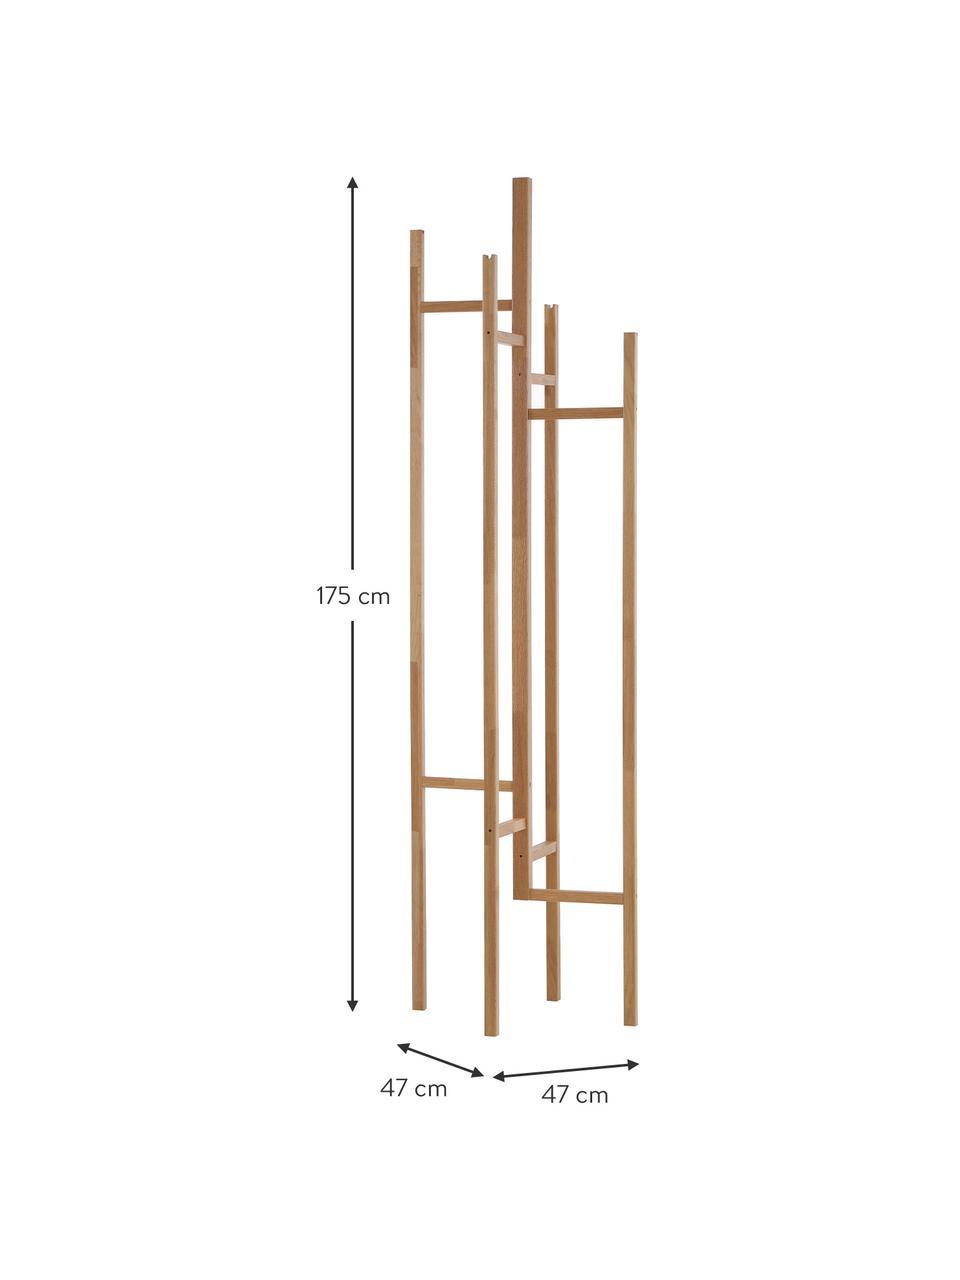 Wieszak stojący z drewna dębowego z 5 Eigen, Lite drewno dębowe, Drewno dębowe, S 47 x W 175 cm